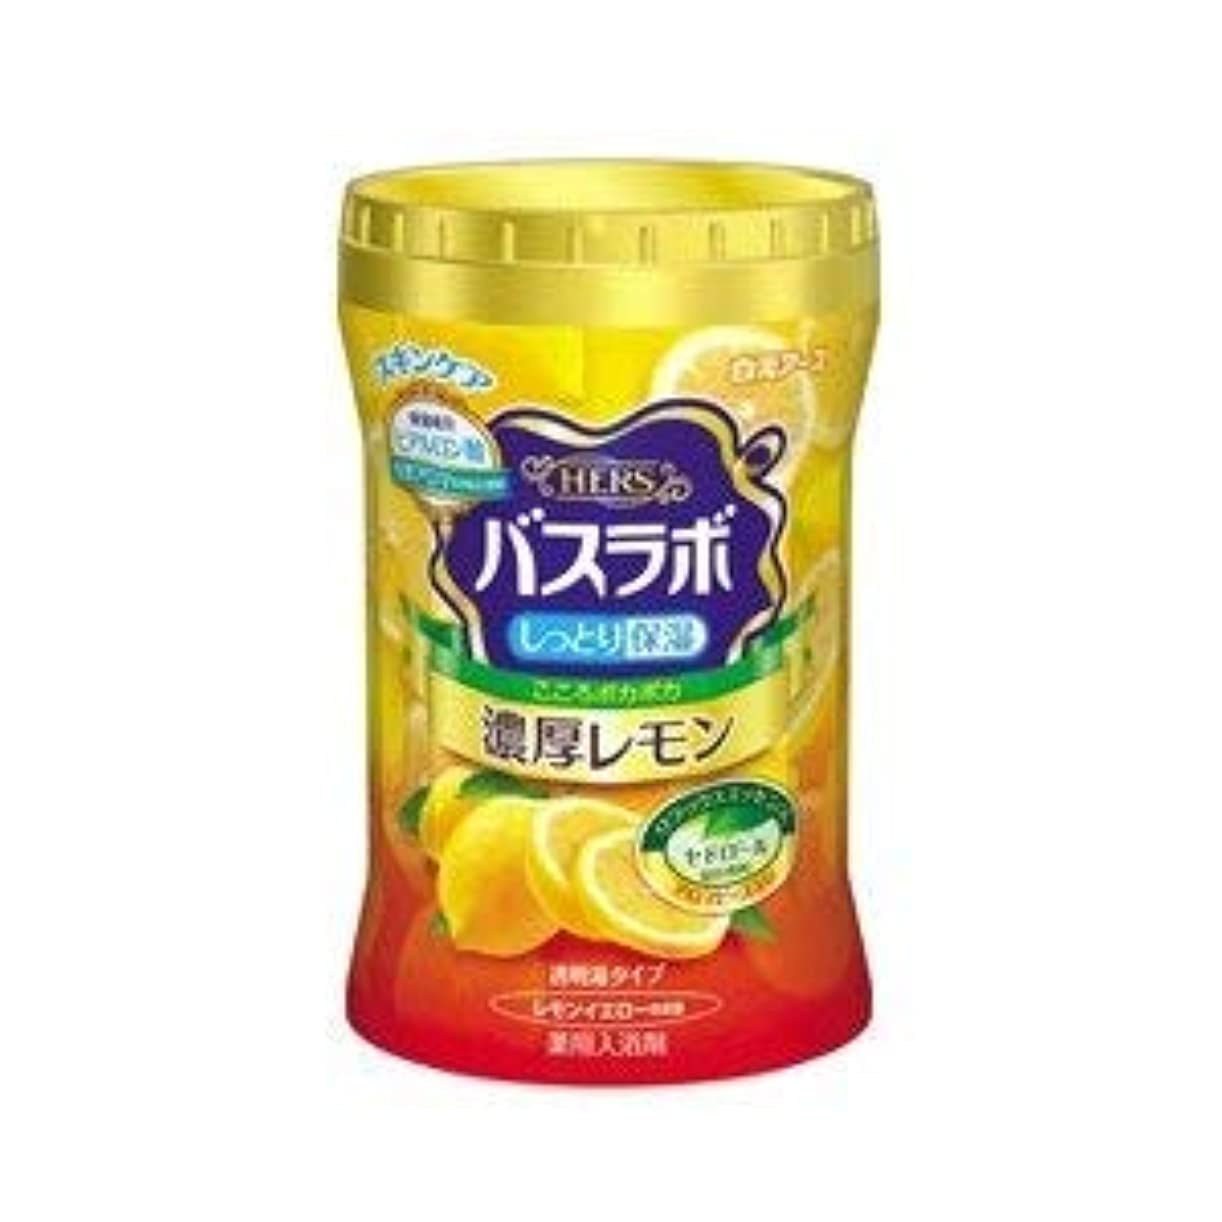 疑い者教育開発バスラボボトル濃厚レモン640g